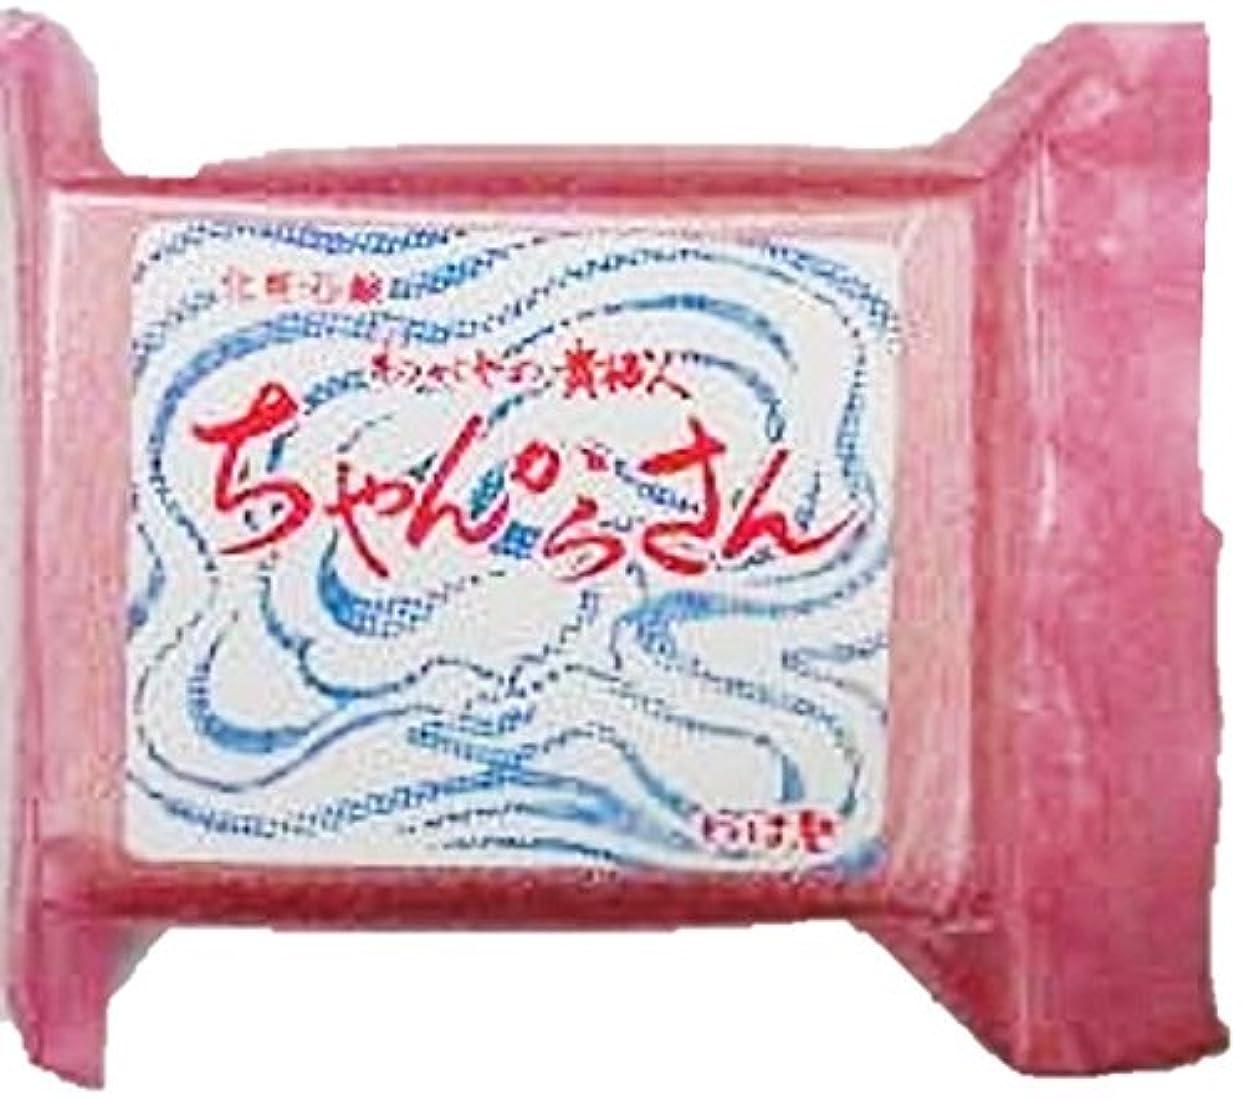 床進化するミュートちゃんからさん 化粧石鹸 (95g)